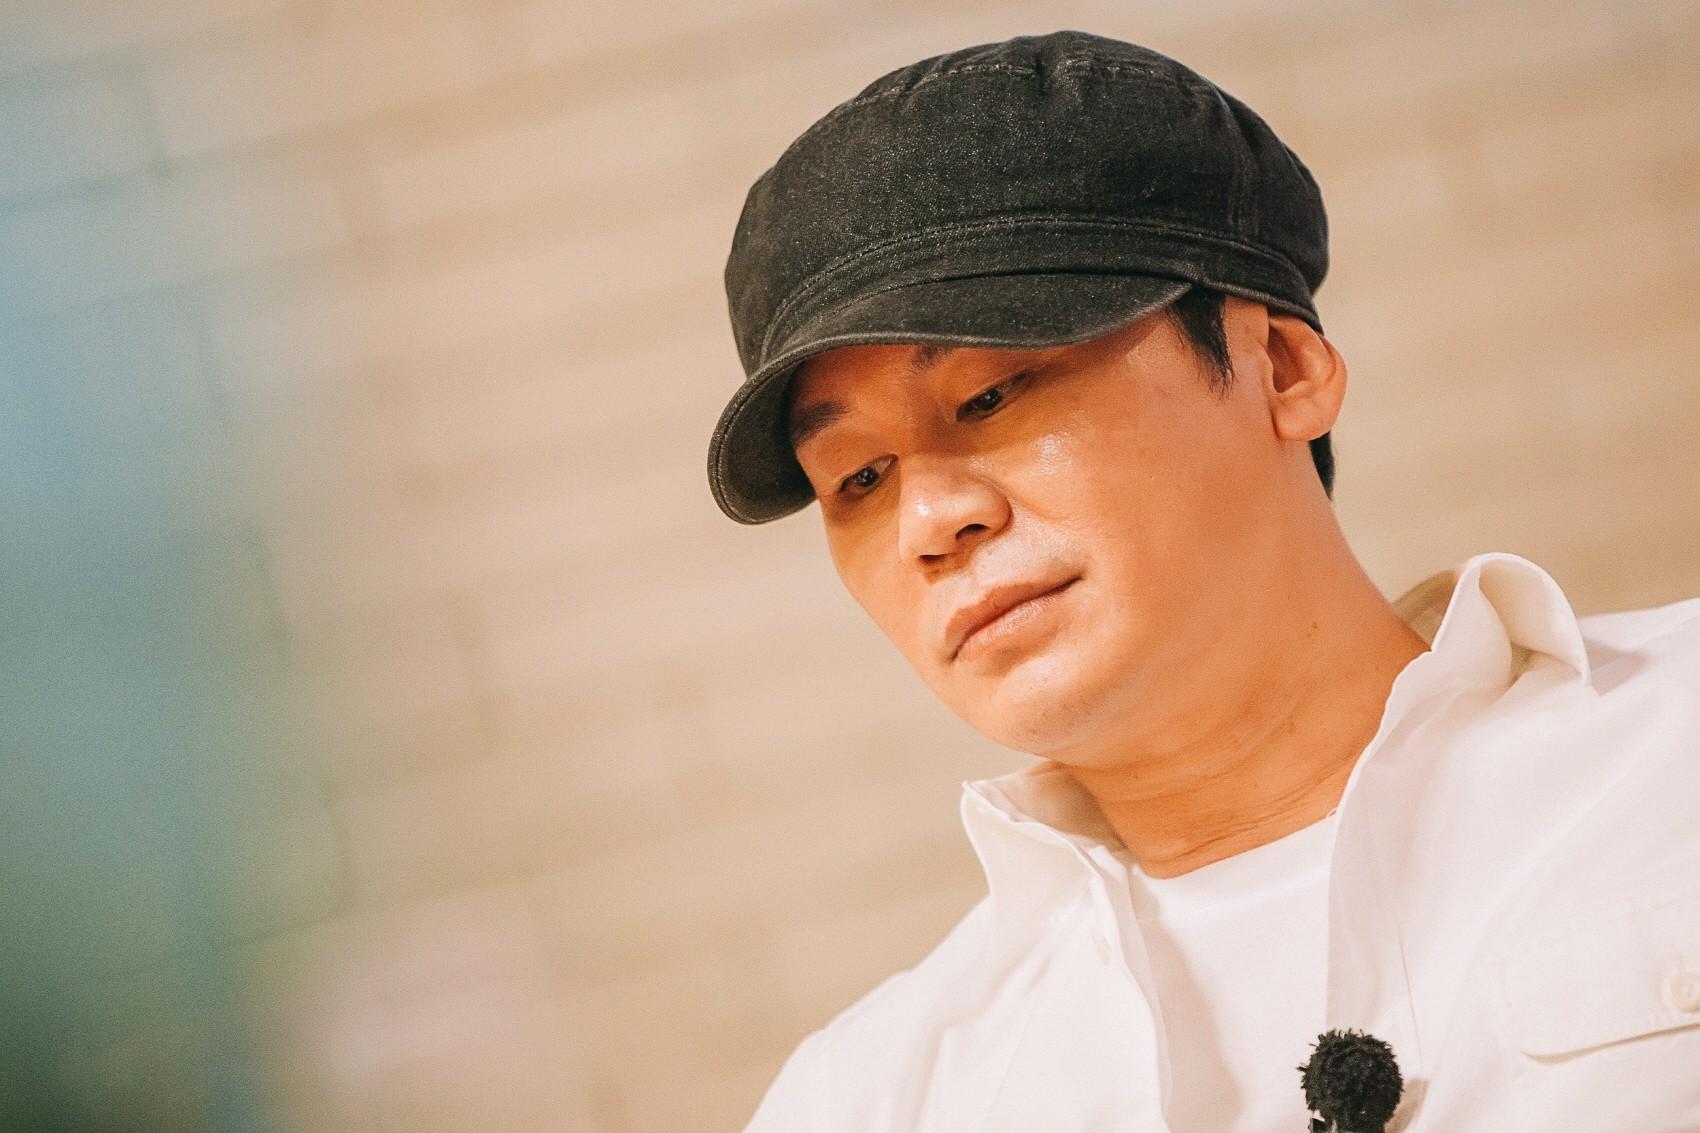 Cả một liên hoàn phốt nghiêm trọng xảy ra chỉ trong 2 năm, việc Chủ tịch Yang Hyun Suk từ chức khỏi YG Entertainment là một điều tất yếu - Ảnh 17.